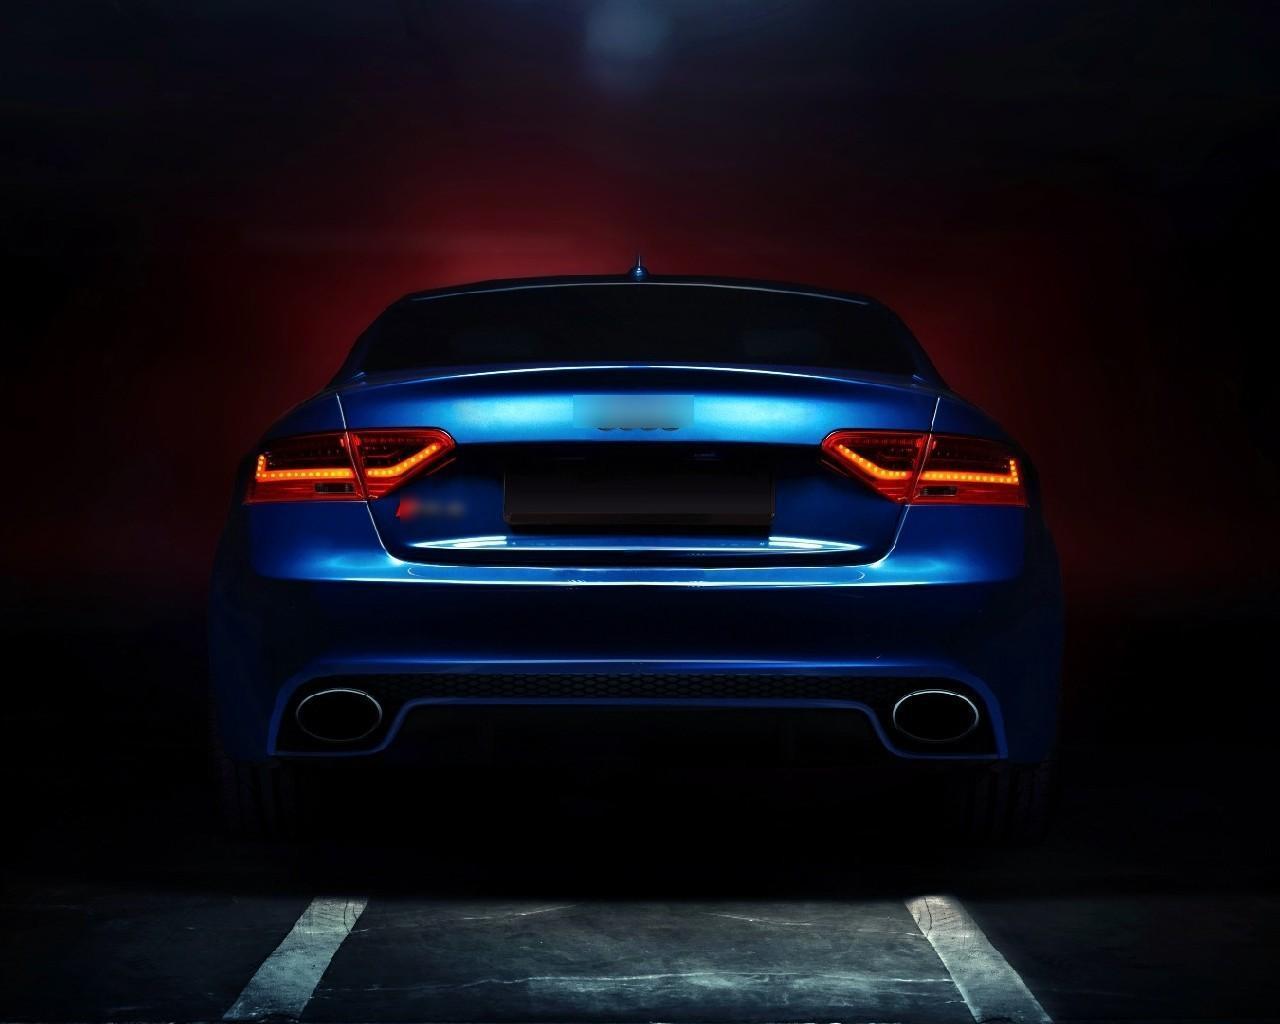 Themes Voitures Audi Hd Fonds D Ecran Pour Android Telechargez L Apk